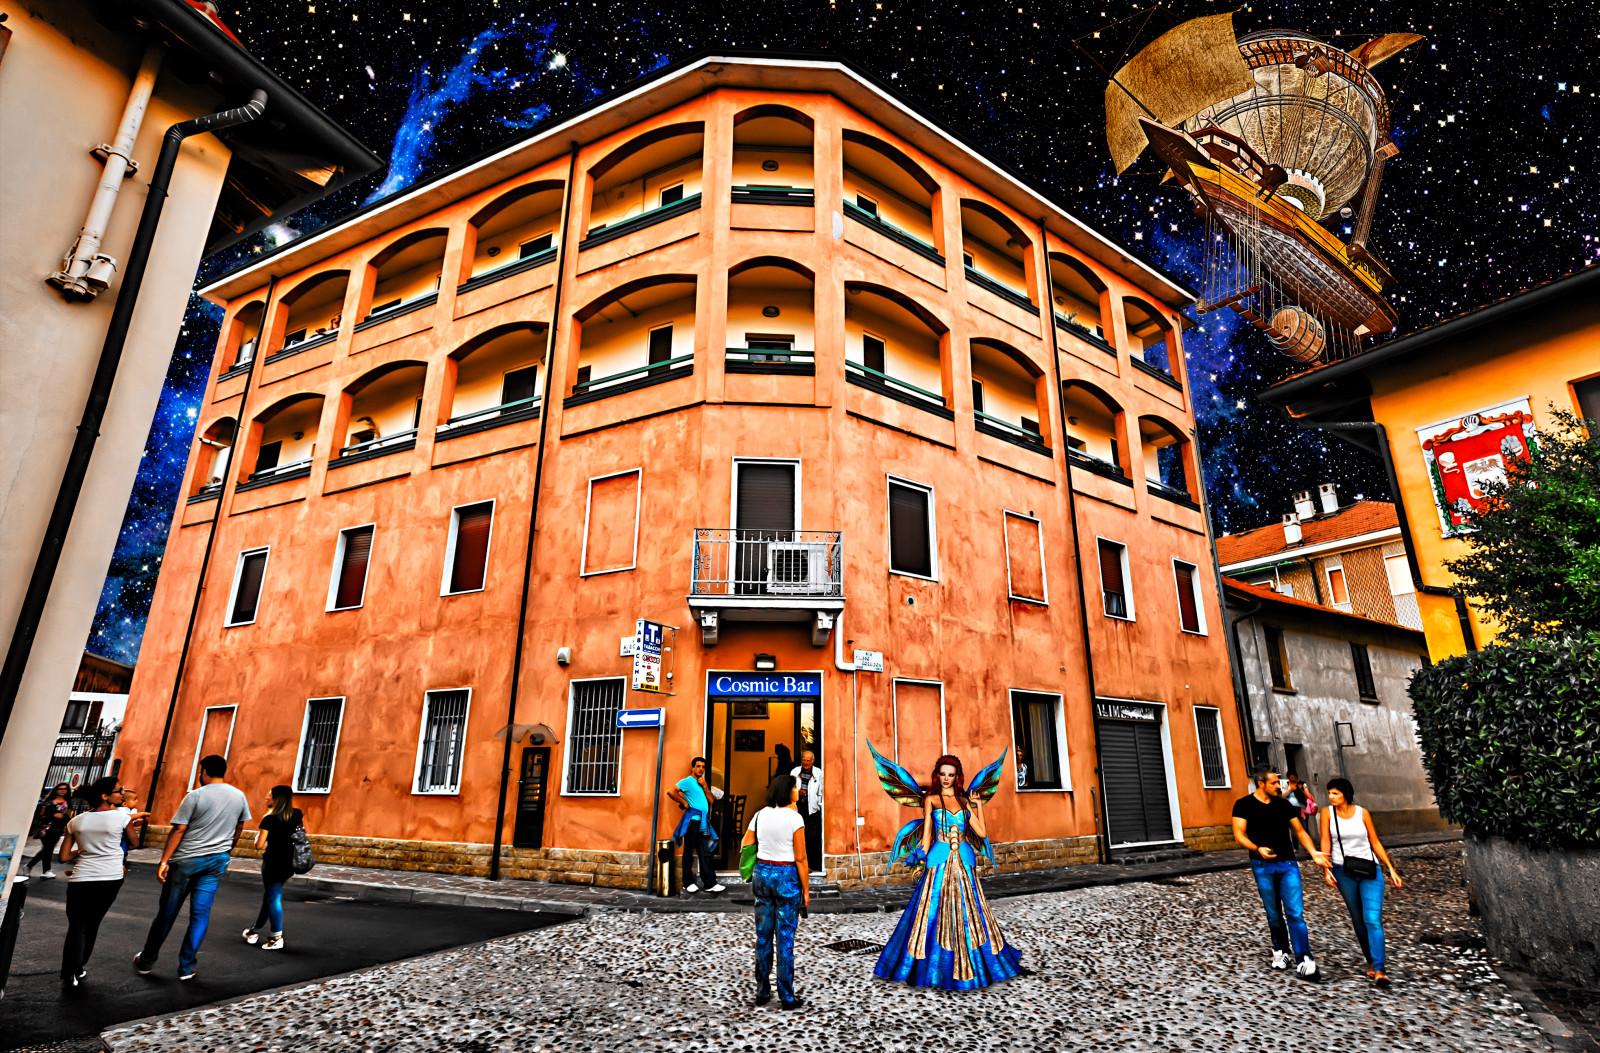 Wallpaper Street City Houses Italy Strada Italia